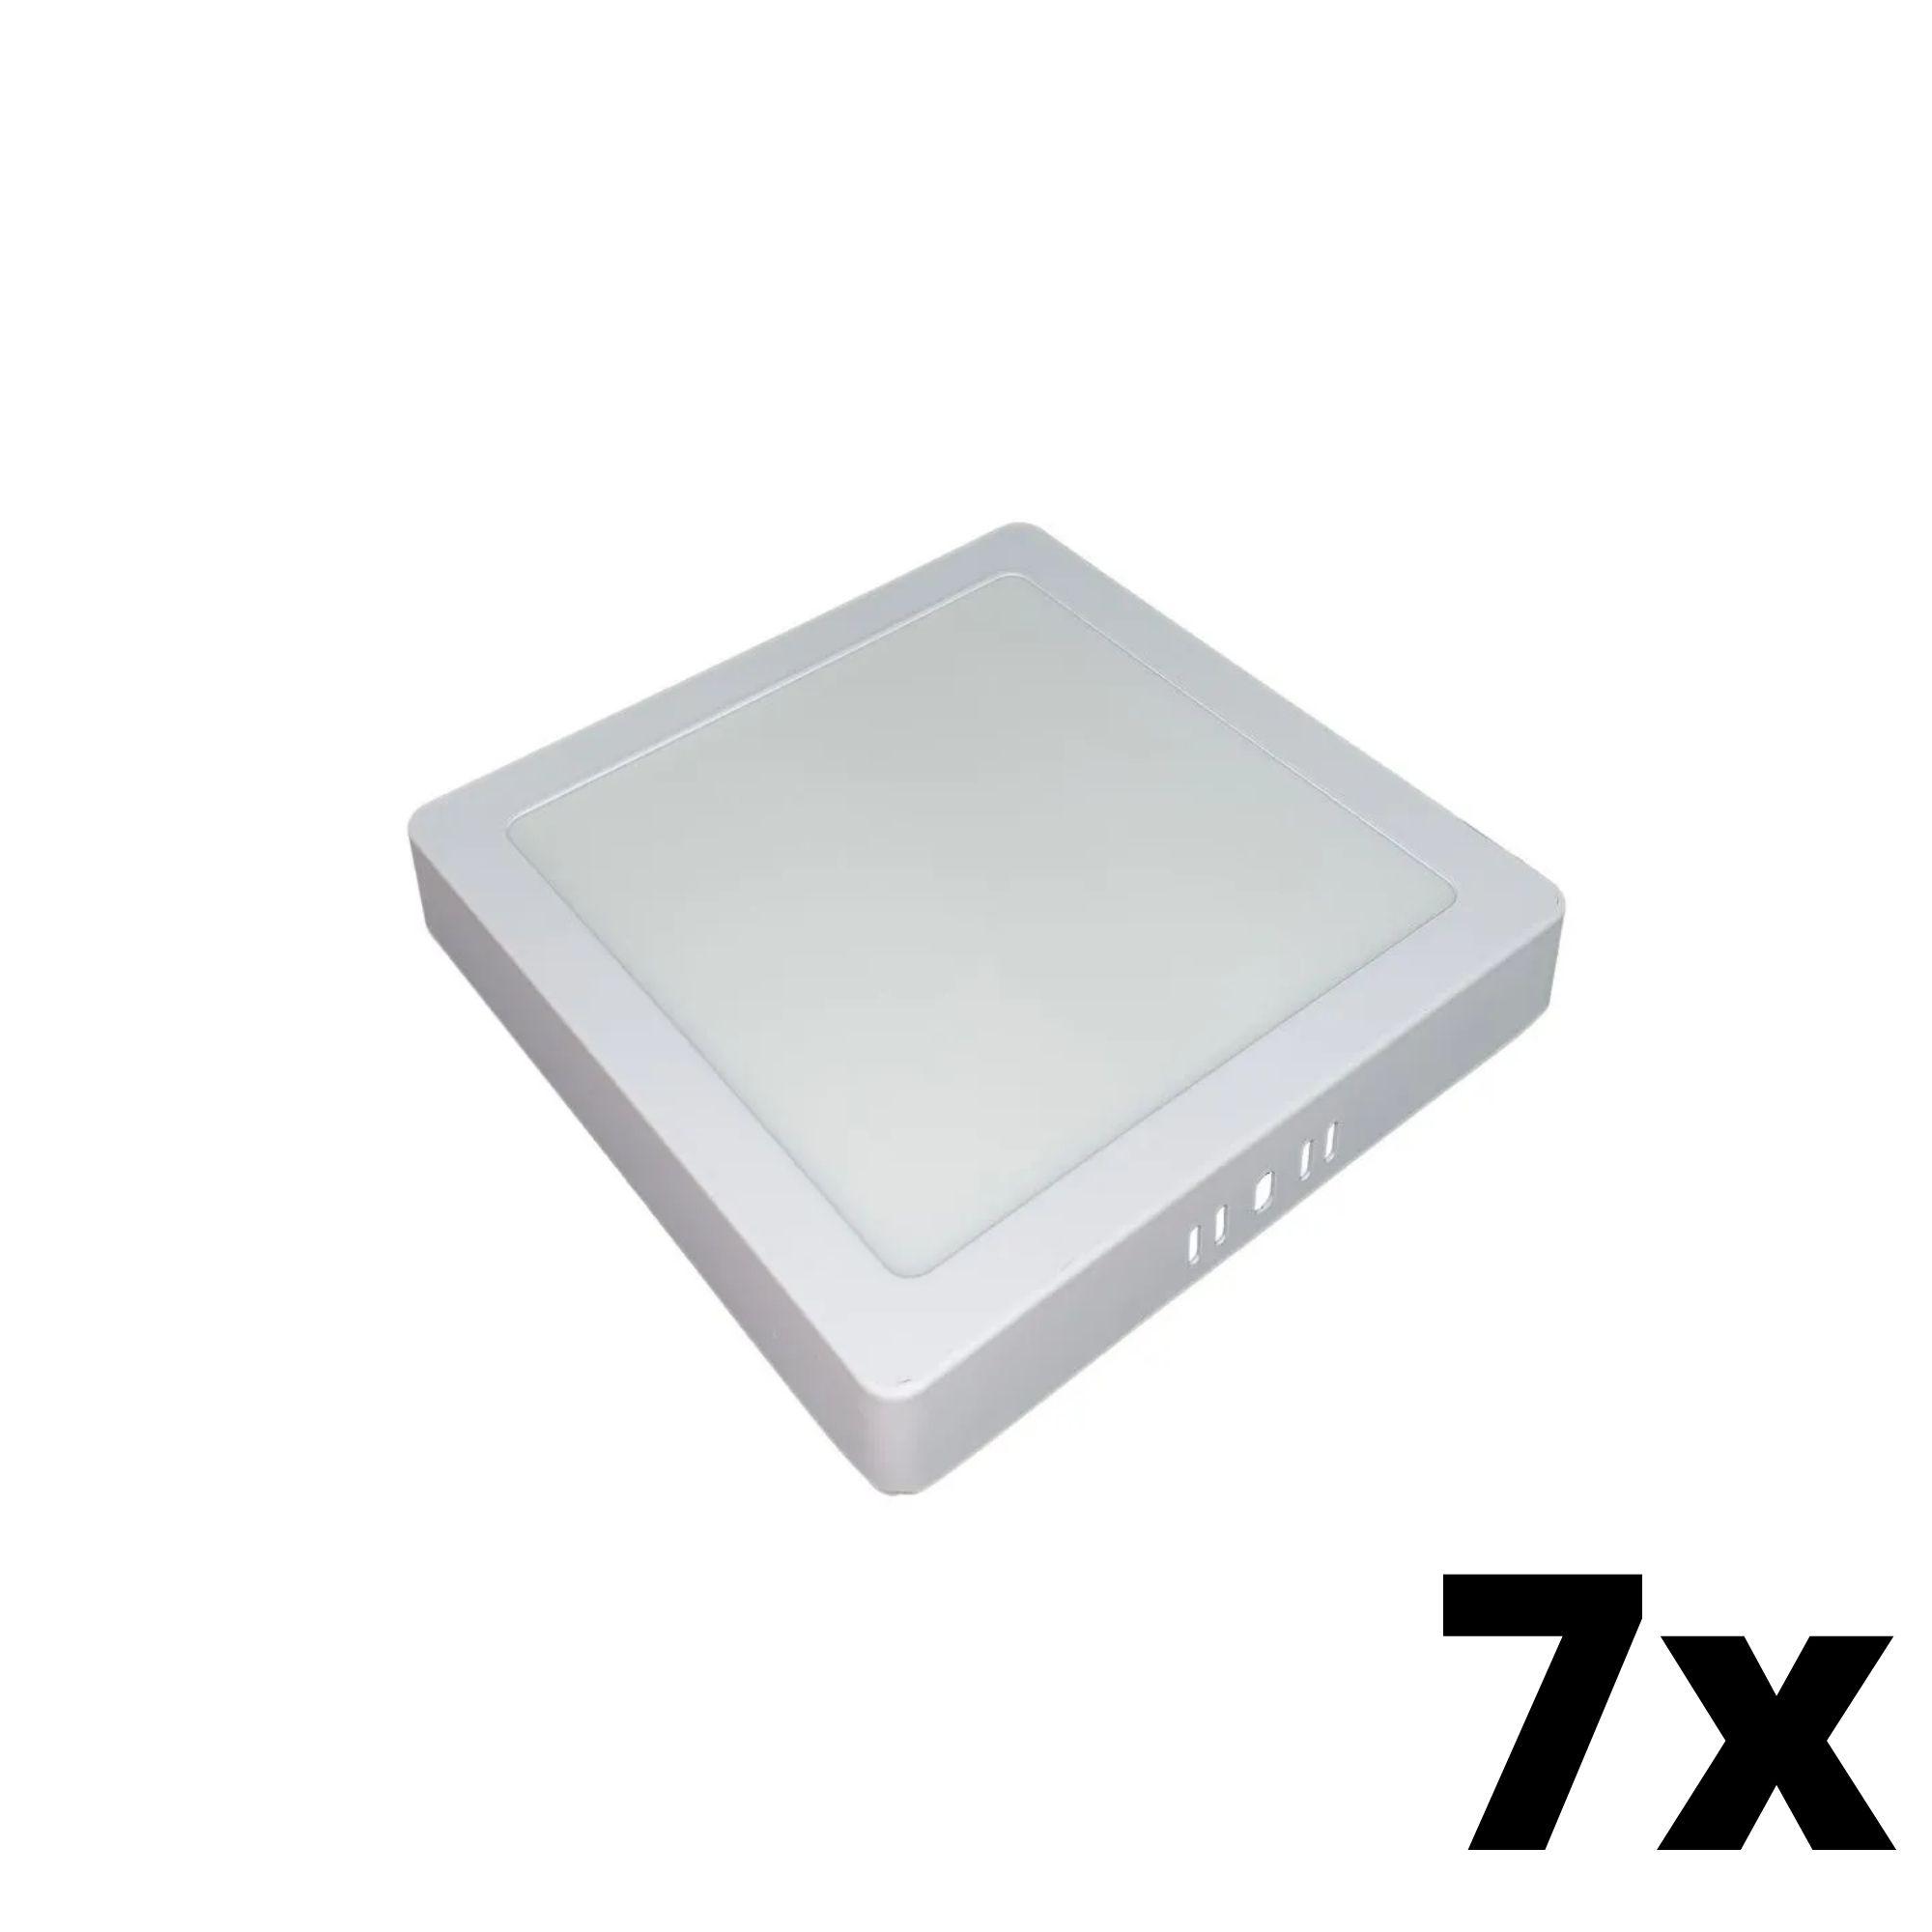 Kit 7 und Painel de Led Sobrepor 24w Quadrado 3000k